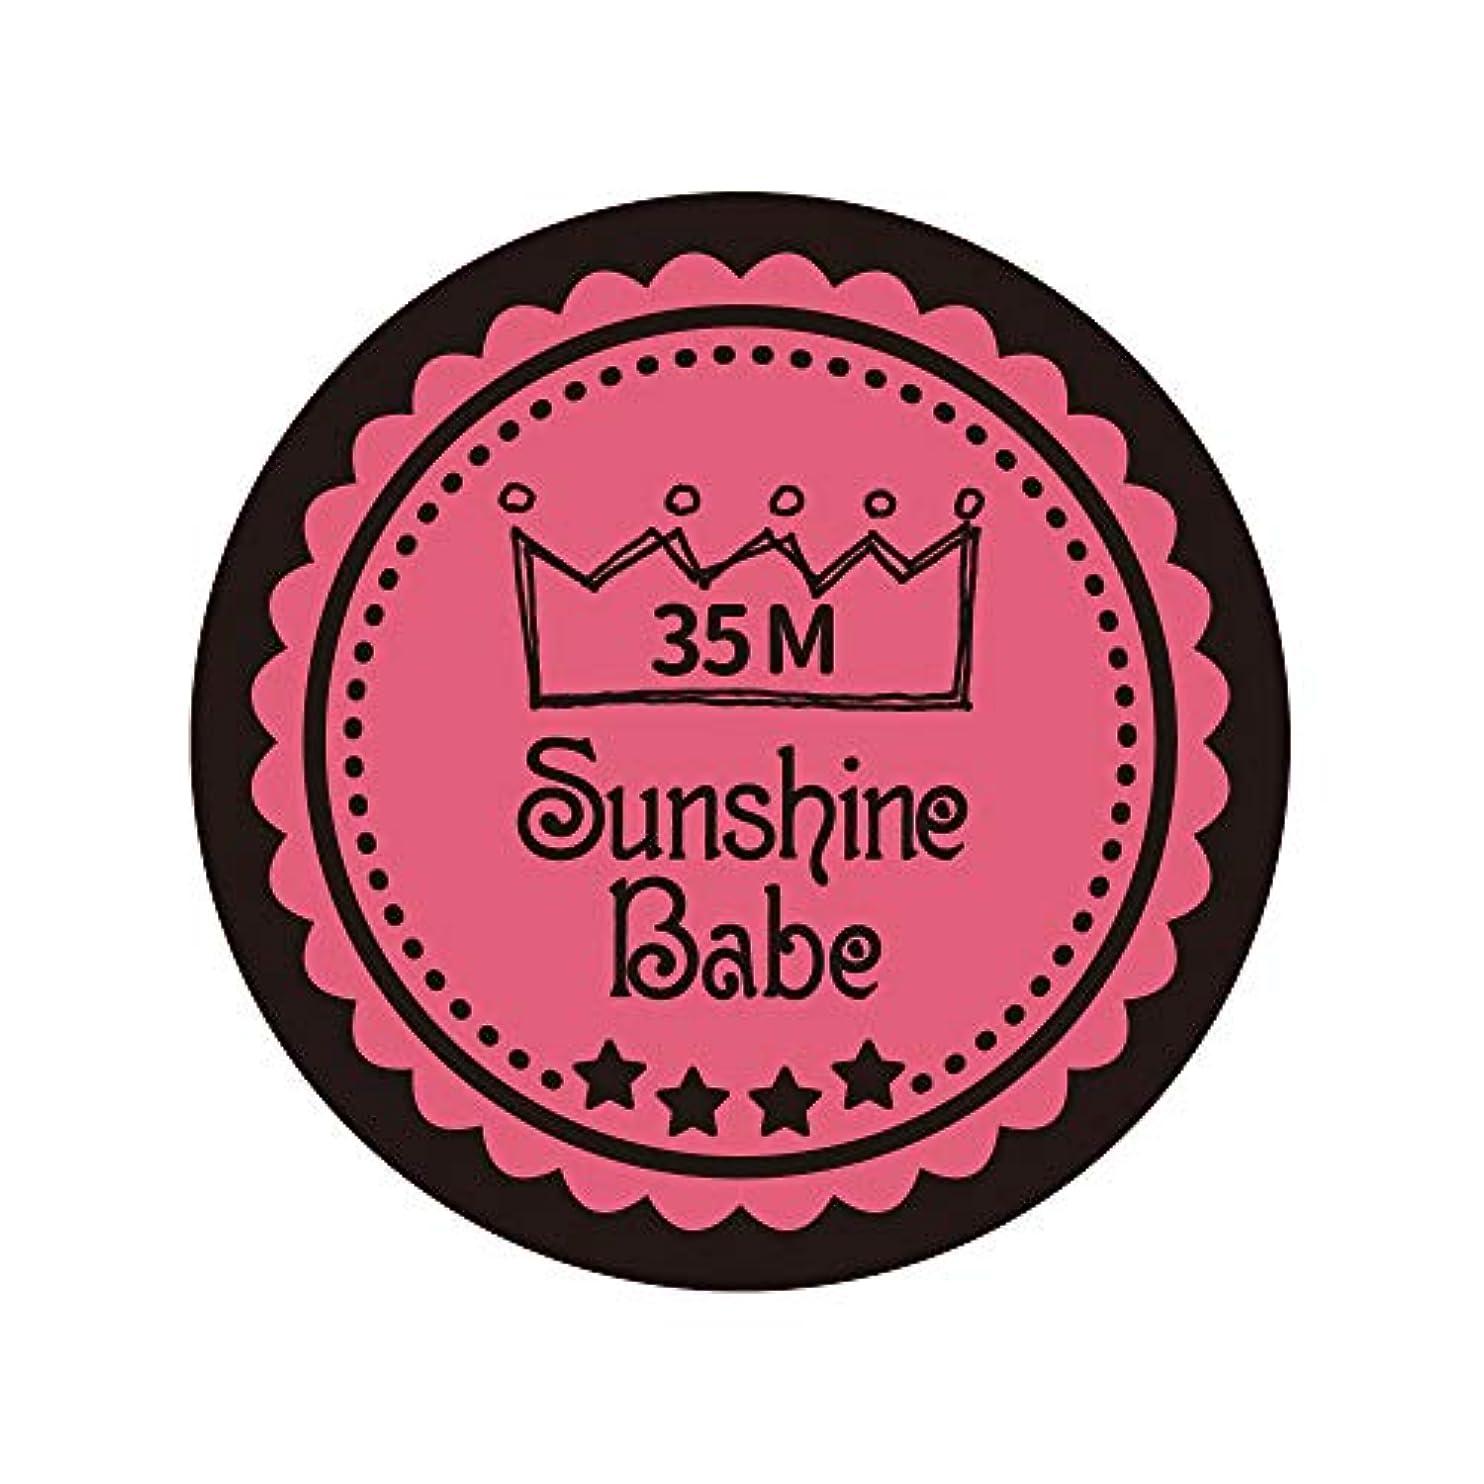 退院ビジネス解読するSunshine Babe カラージェル 35M ローズピンク 2.7g UV/LED対応